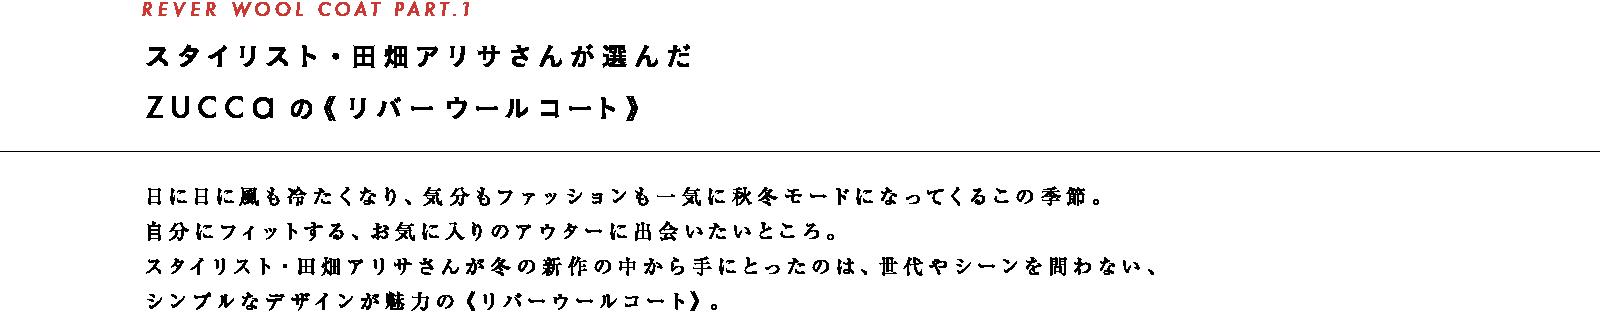 スタイリスト・田畑アリサさんが選んだ ZUCCaのリバーウールコート